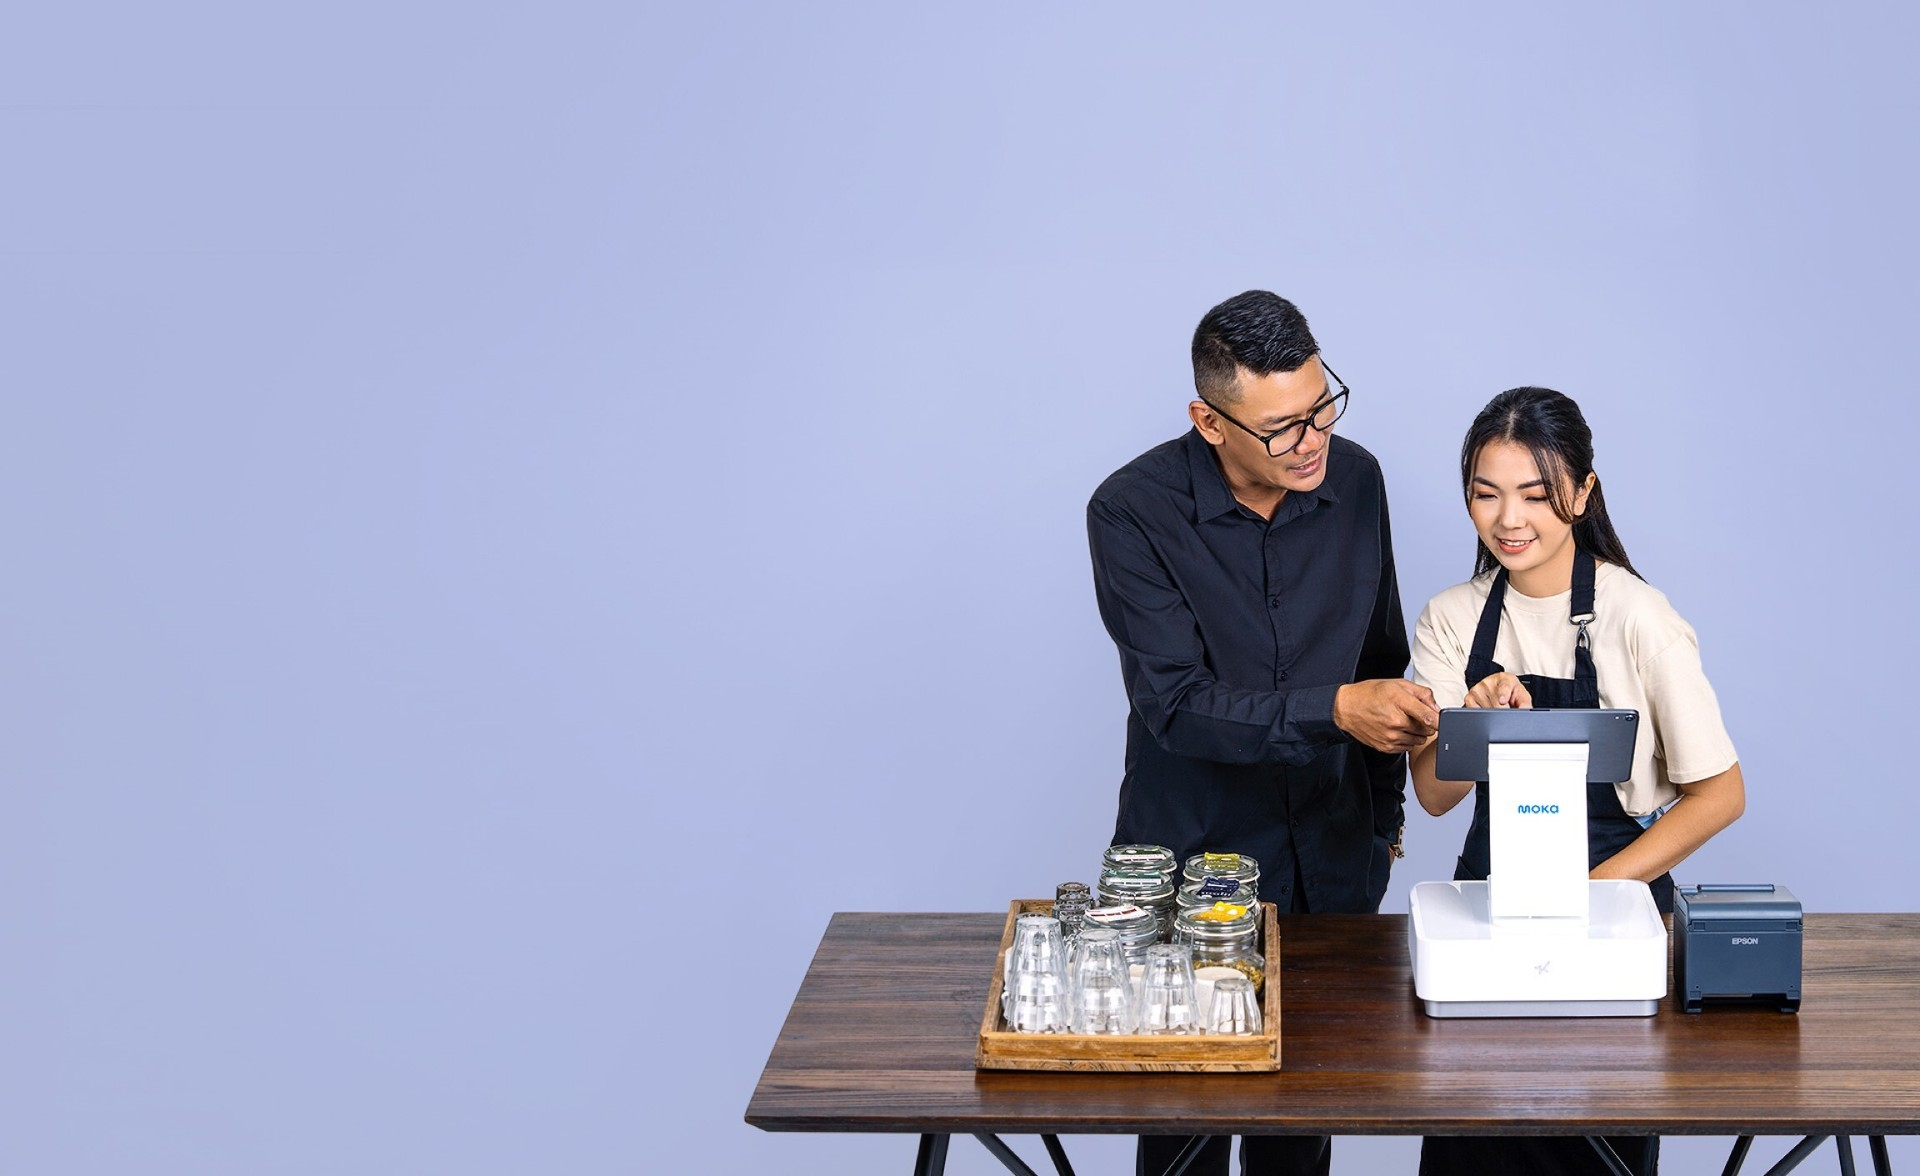 Pemilik bisnis toko kopi yang sedang memberi arahan karyawan untuk mengoperasikan Moka POS sebagai kasir yang lebih efisien